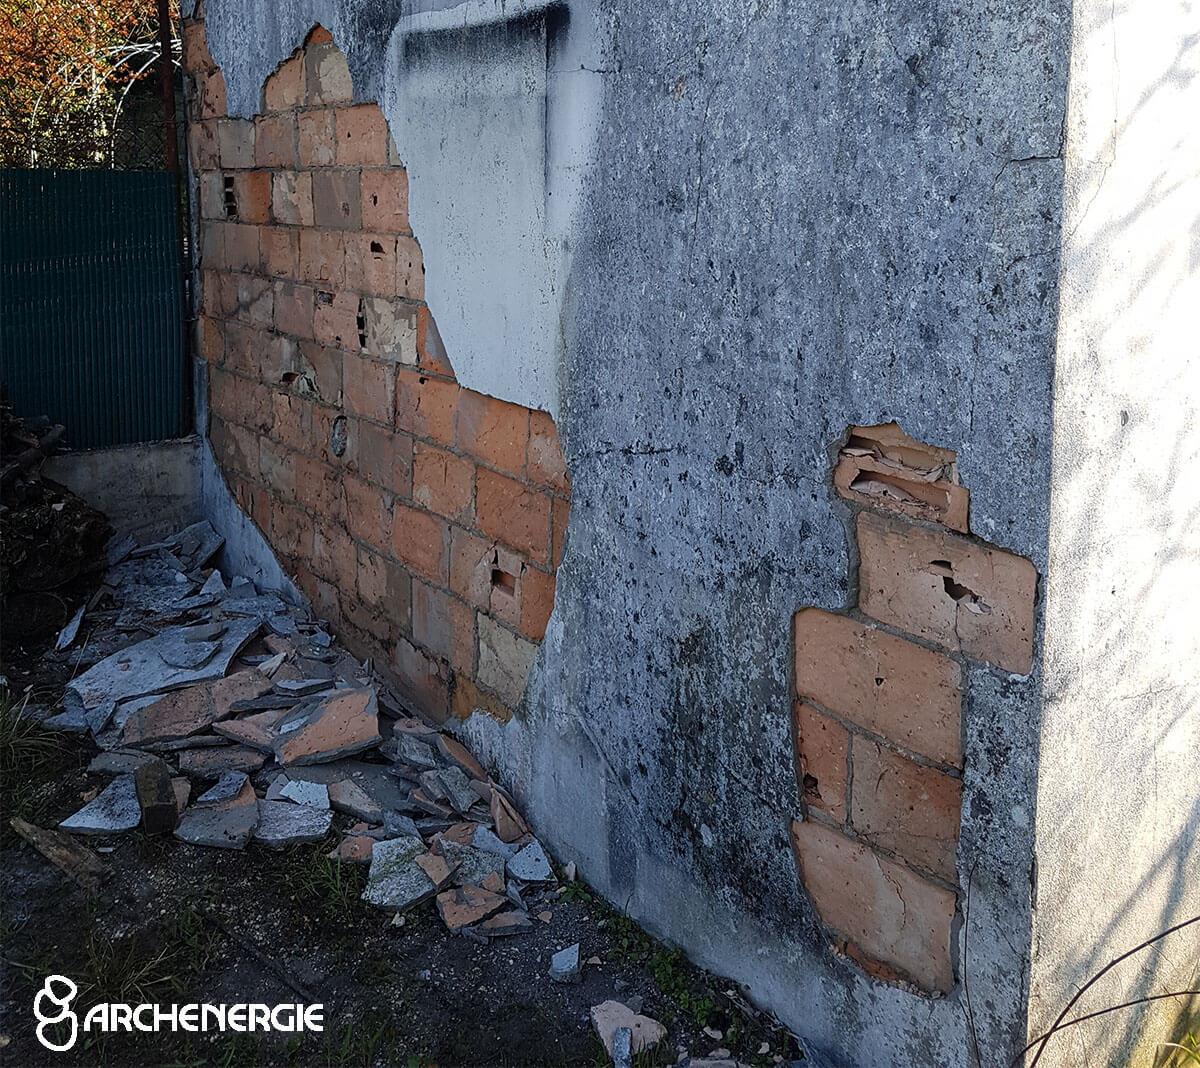 protection murs bâti gros oeuvre variations températures risque fissures éclatement infiltration